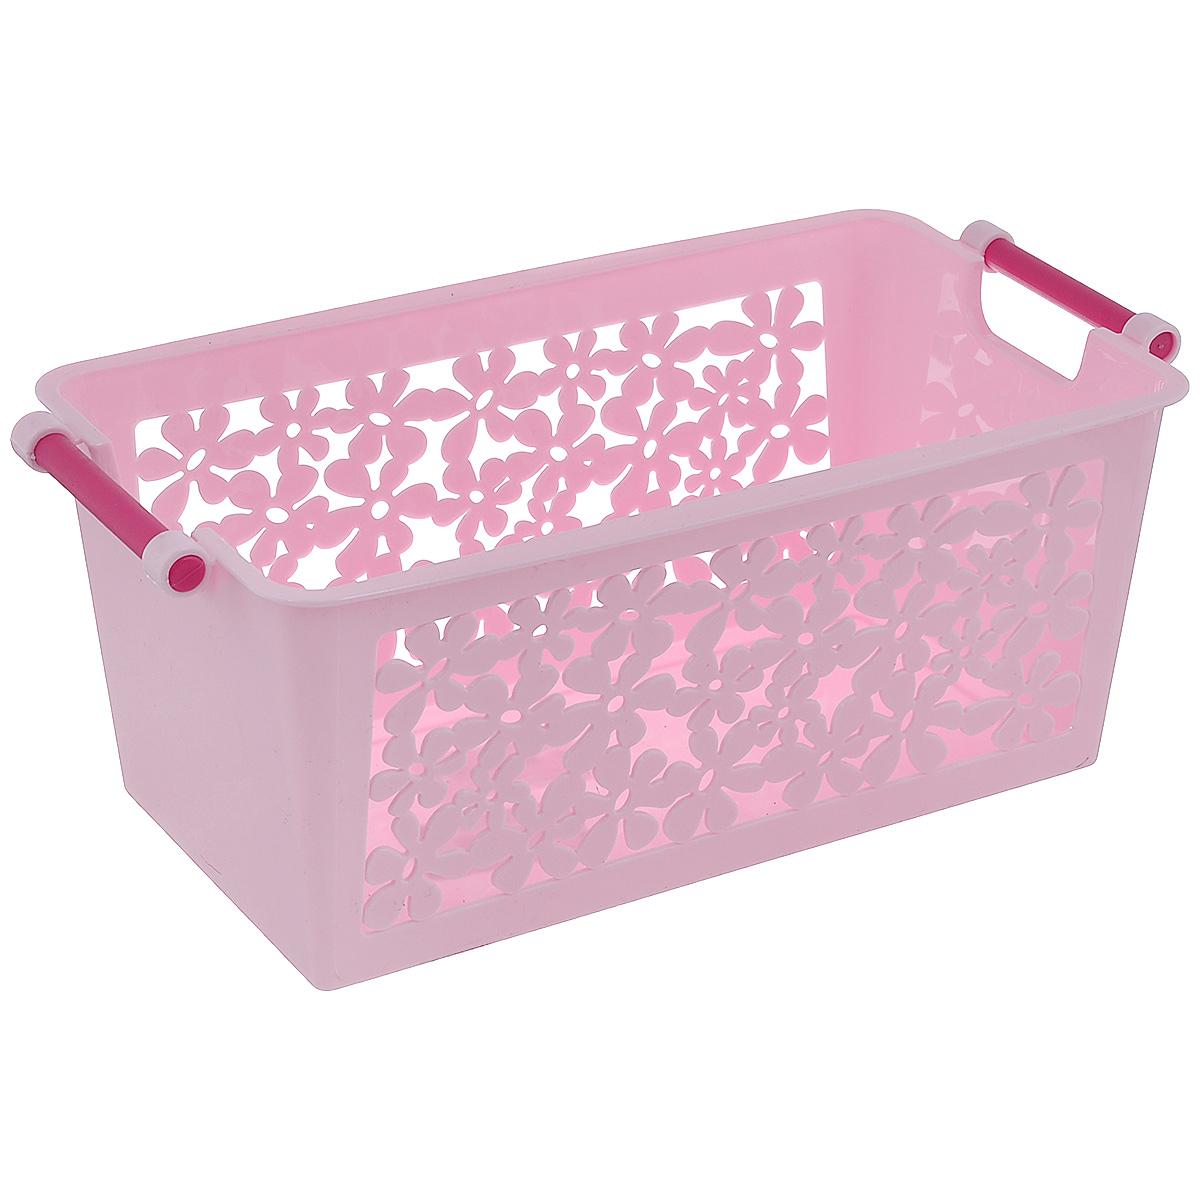 Корзина Альтернатива Романтика, цвет розовый, 24,5 х 14,5 х 11 см М1838М1838_розовыйУниверсальная корзина Романтика, изготовлена из пластика, предназначена для хранения мелочей в ванной, на кухне, даче или гараже. Позволяет хранить мелкие вещи, исключая возможность их потери.